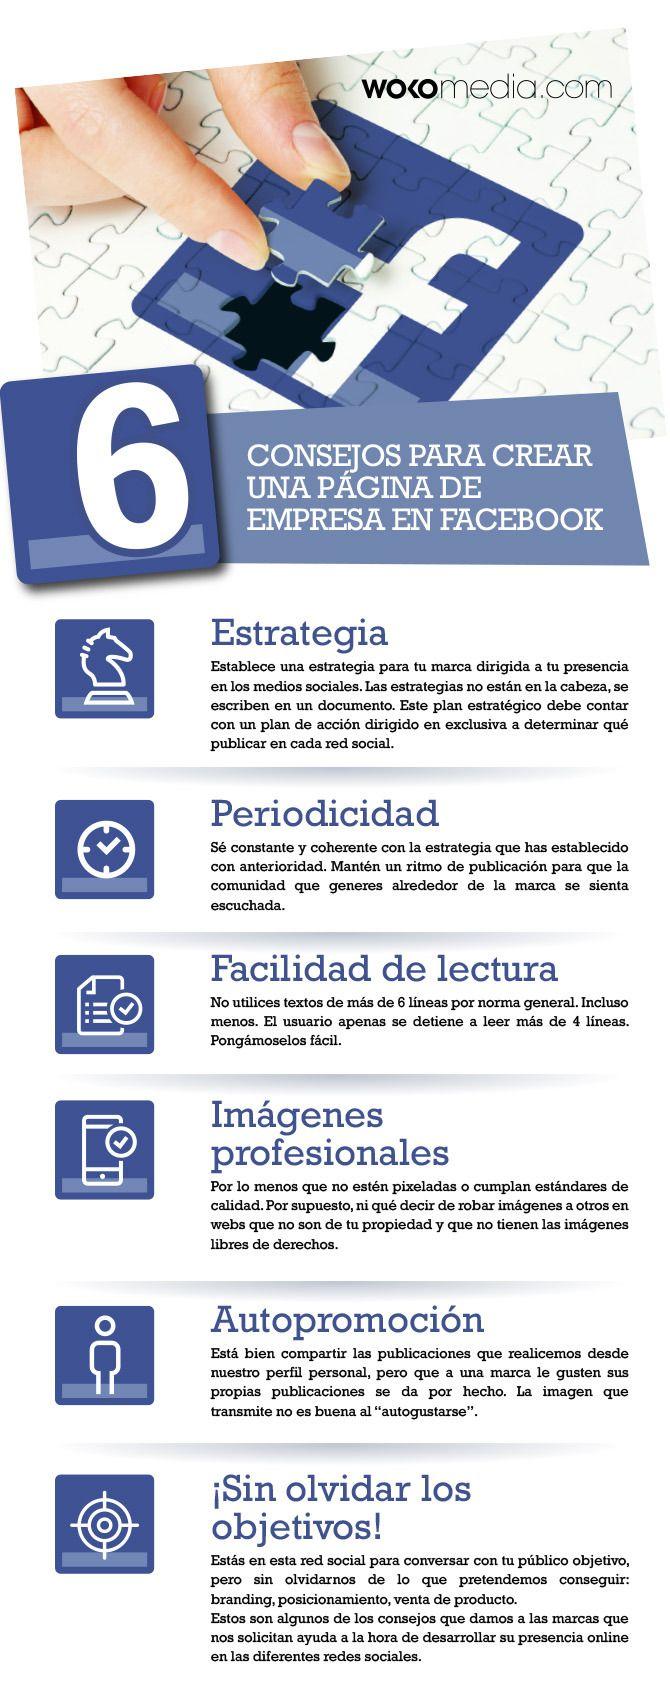 6 consejos para crear la página de FaceBook de tu empresa